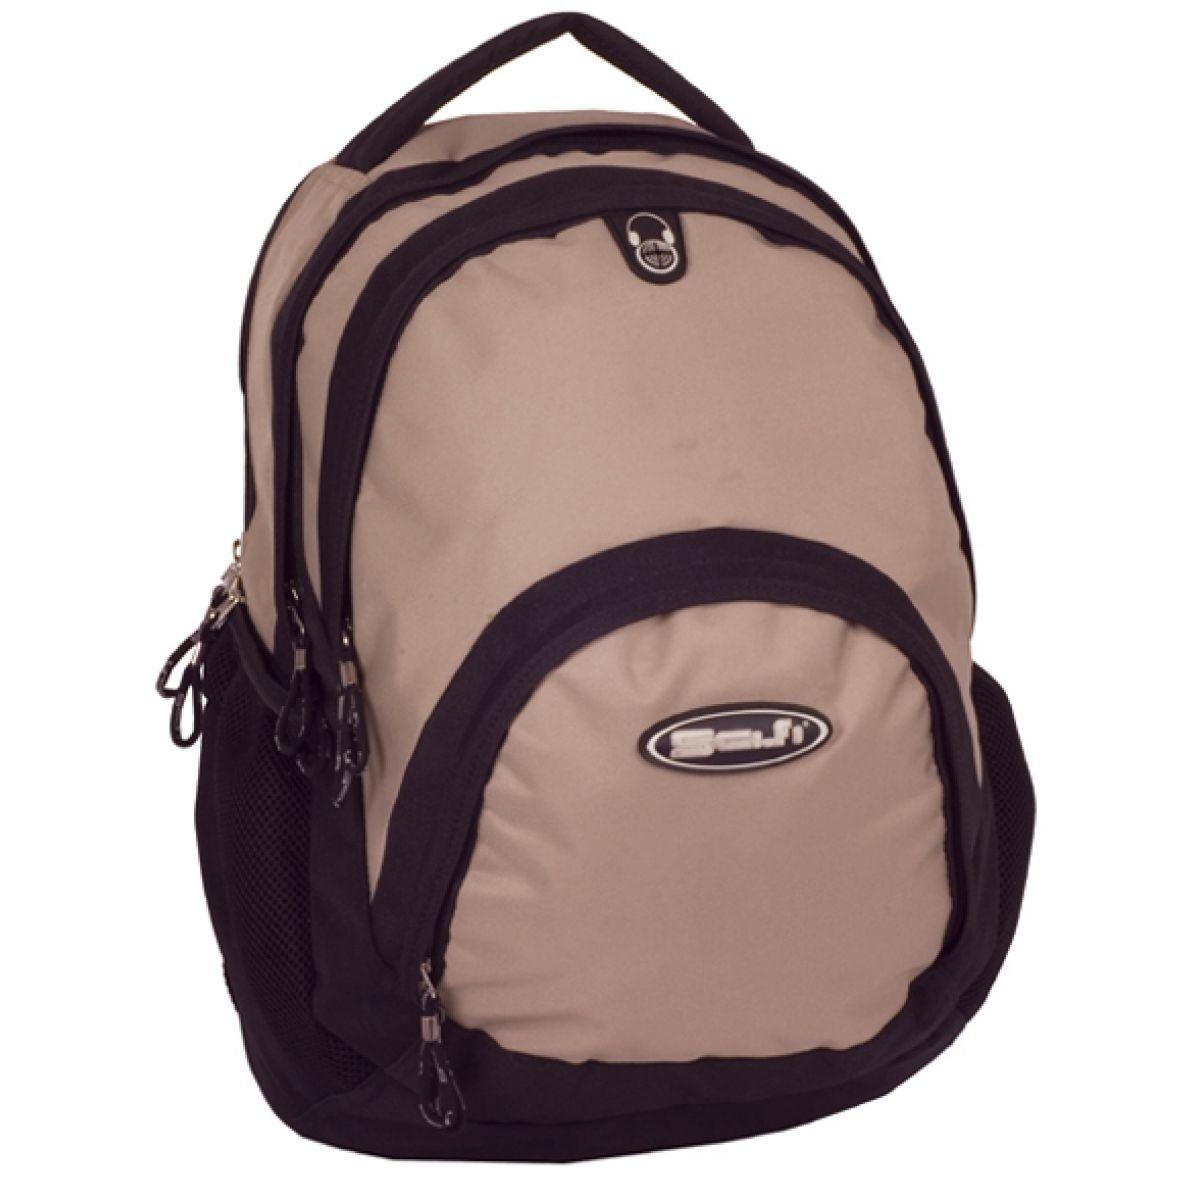 Sun Ce Sci-fI Studentský batoh na notebook - růžový